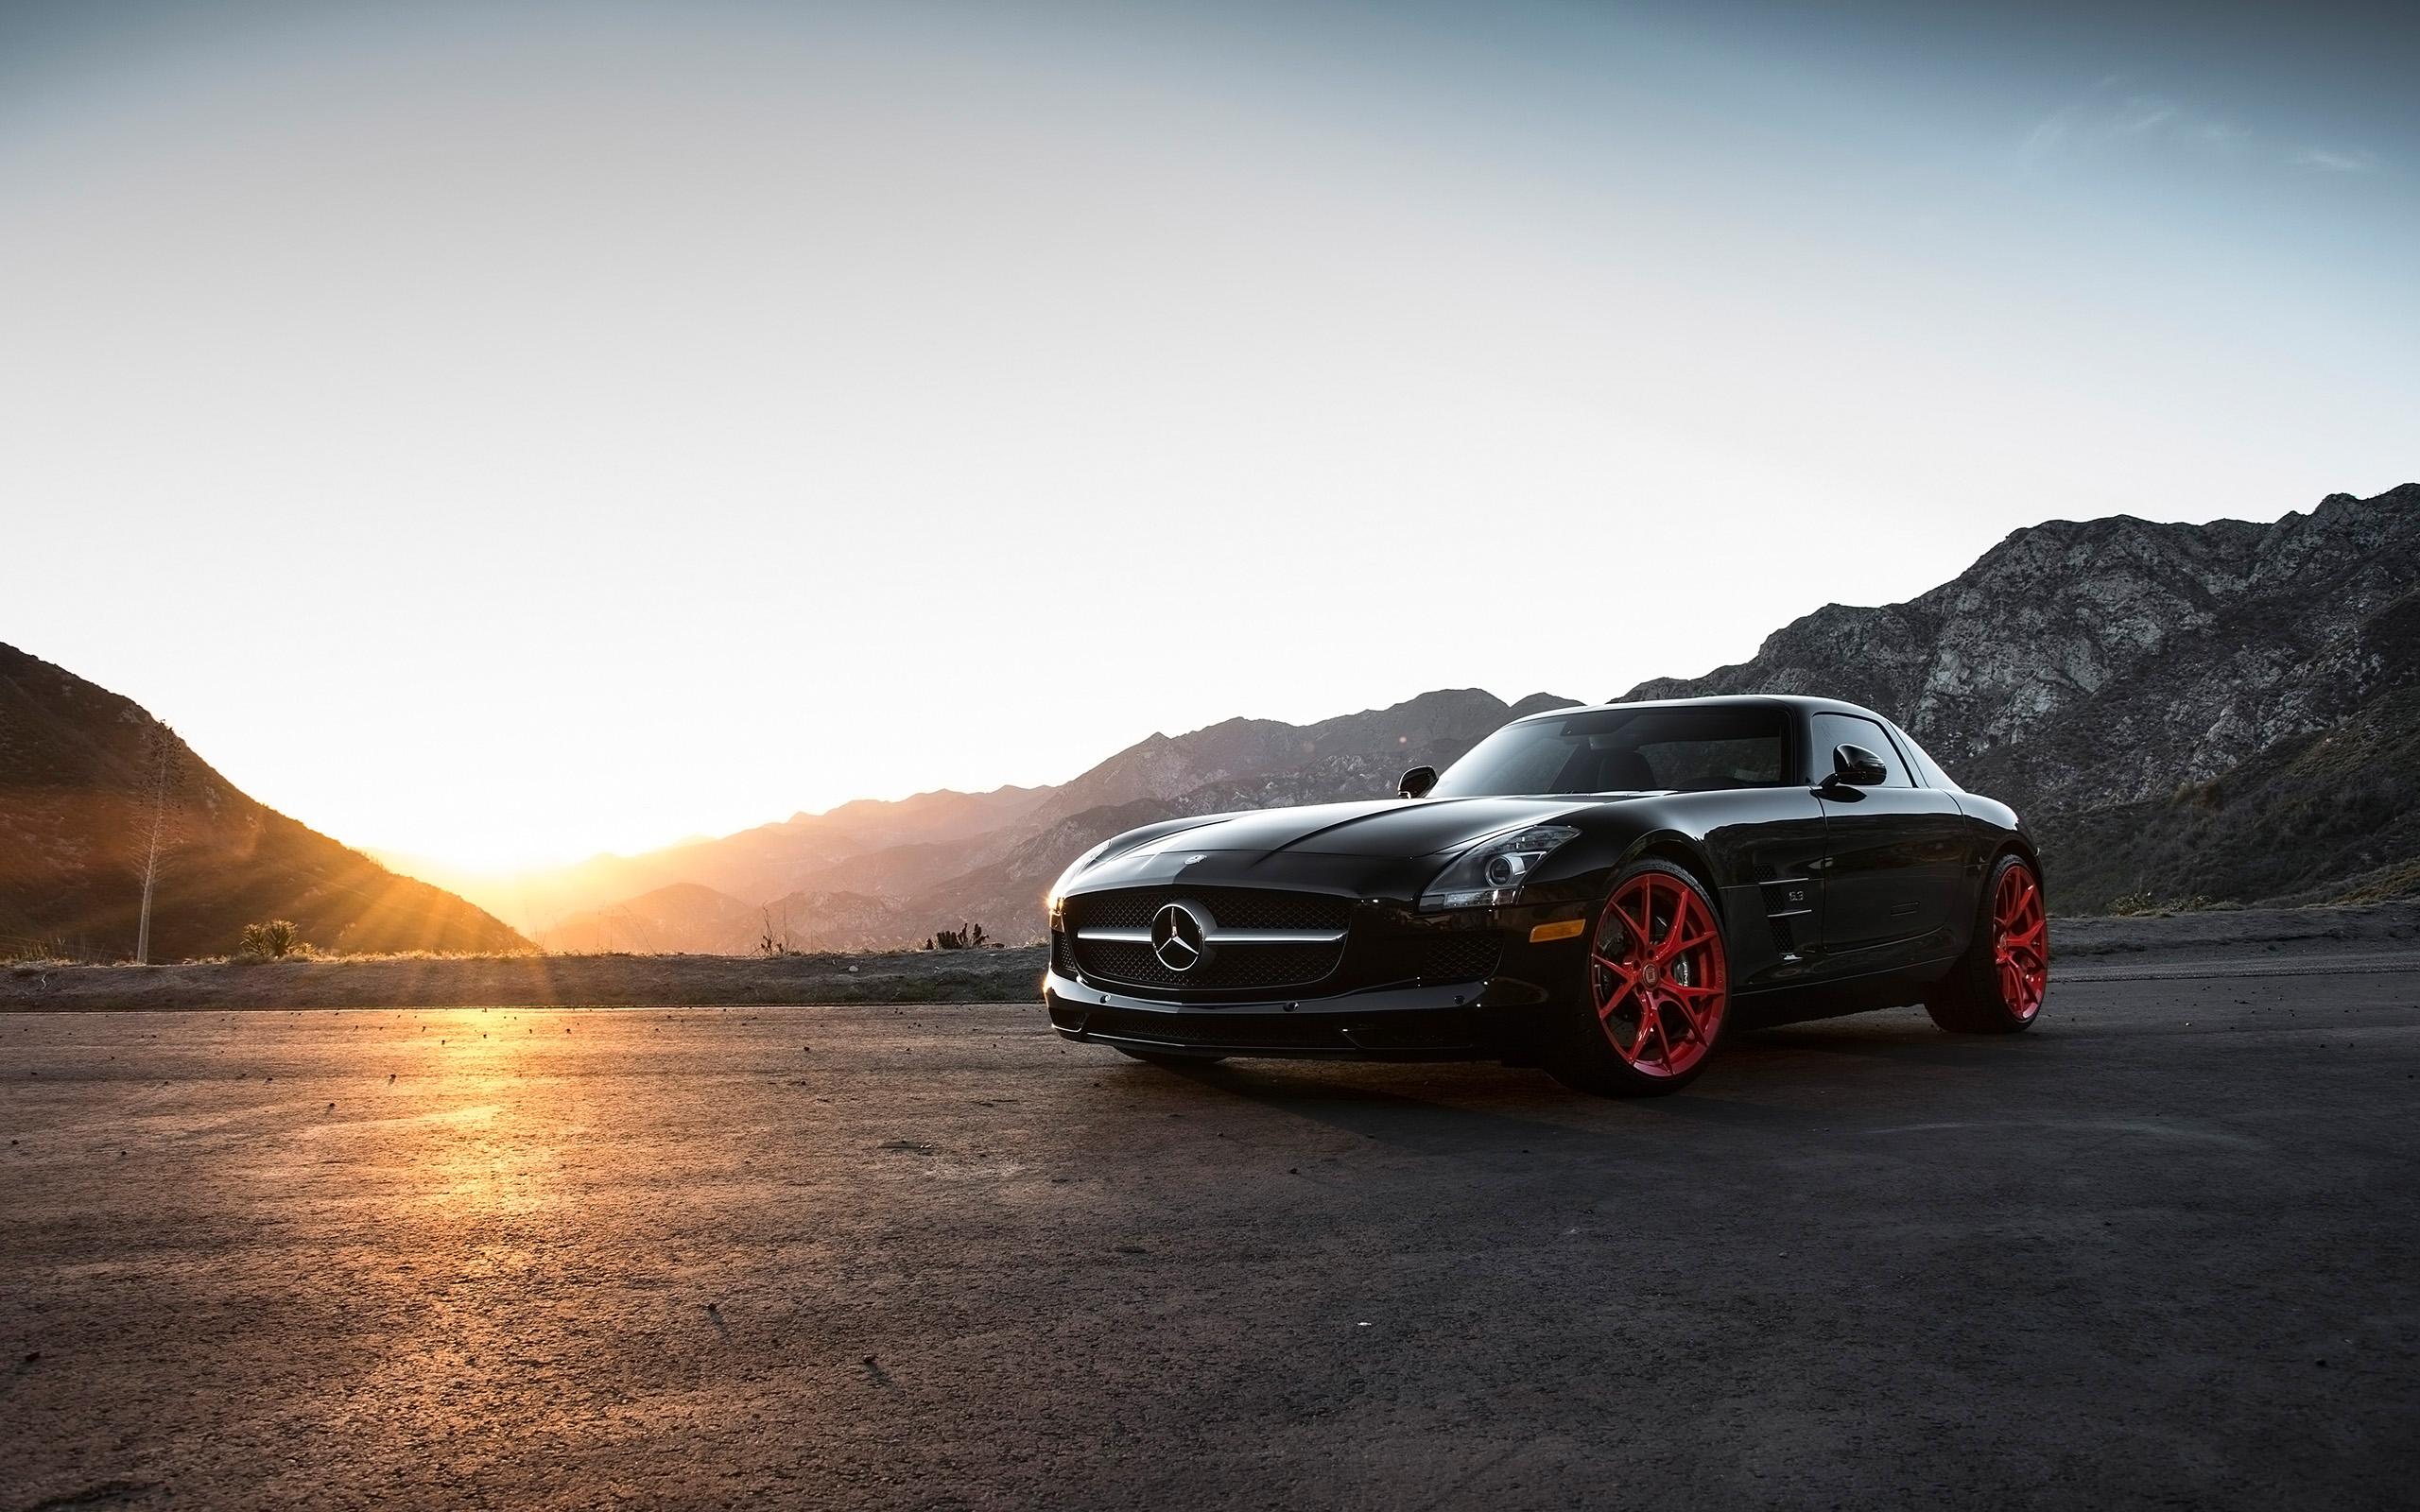 2015 Klassen Mercedes Benz SLS AMG Wallpaper HD Car 2560x1600